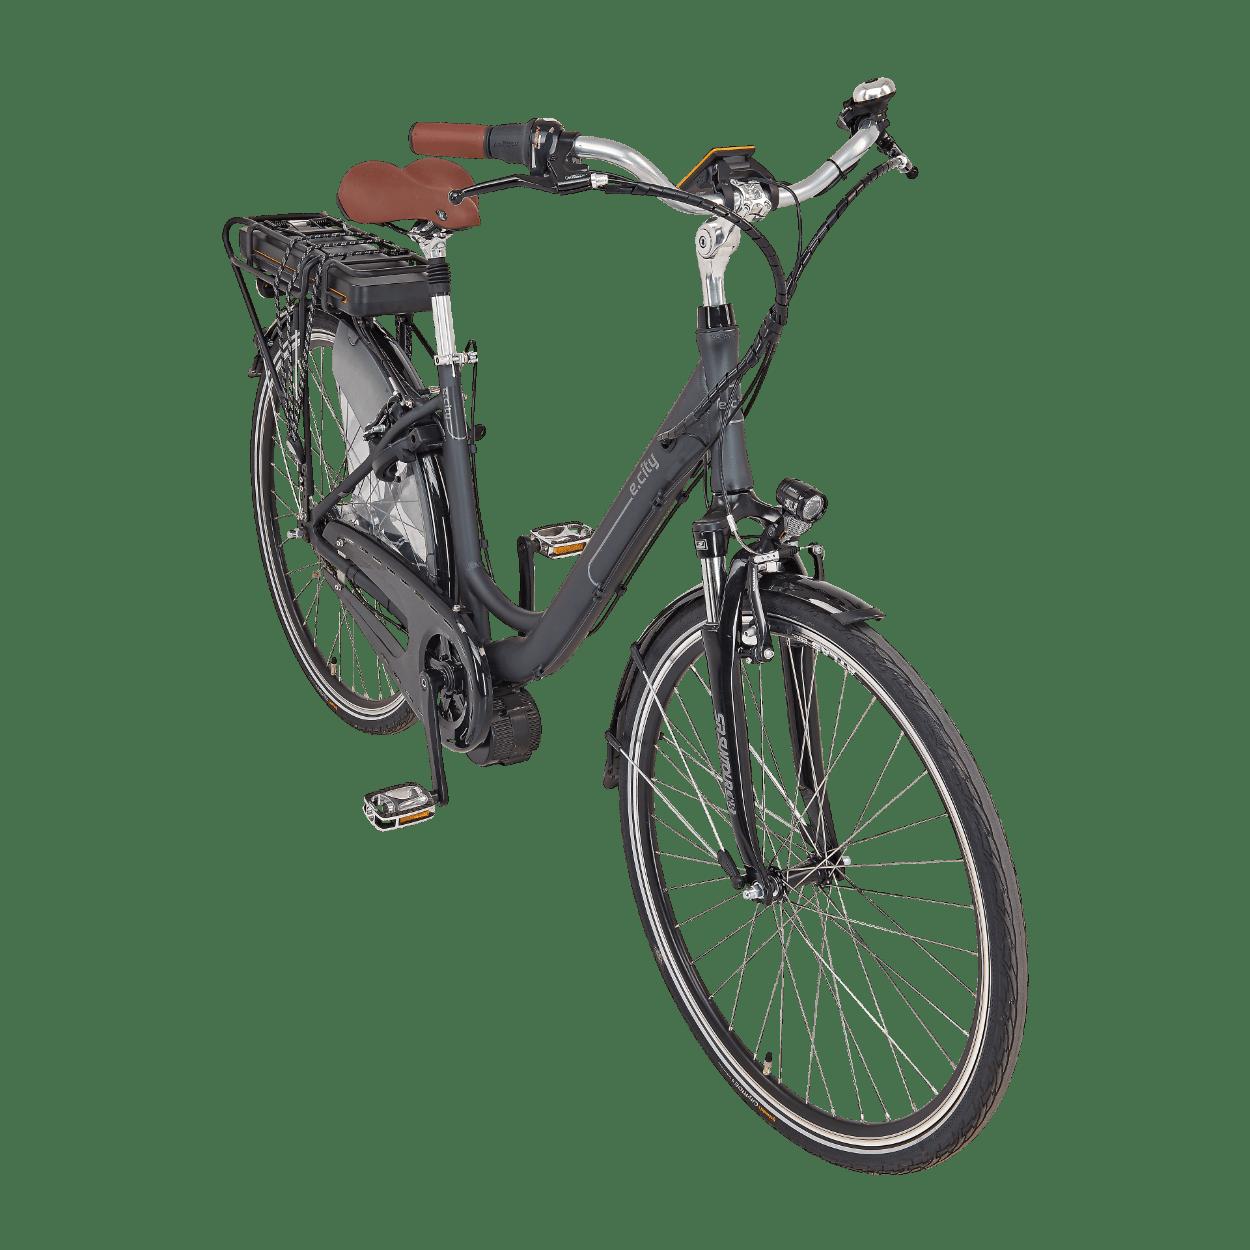 ook aldi verkocht elektrische fietsen fietsen. Black Bedroom Furniture Sets. Home Design Ideas